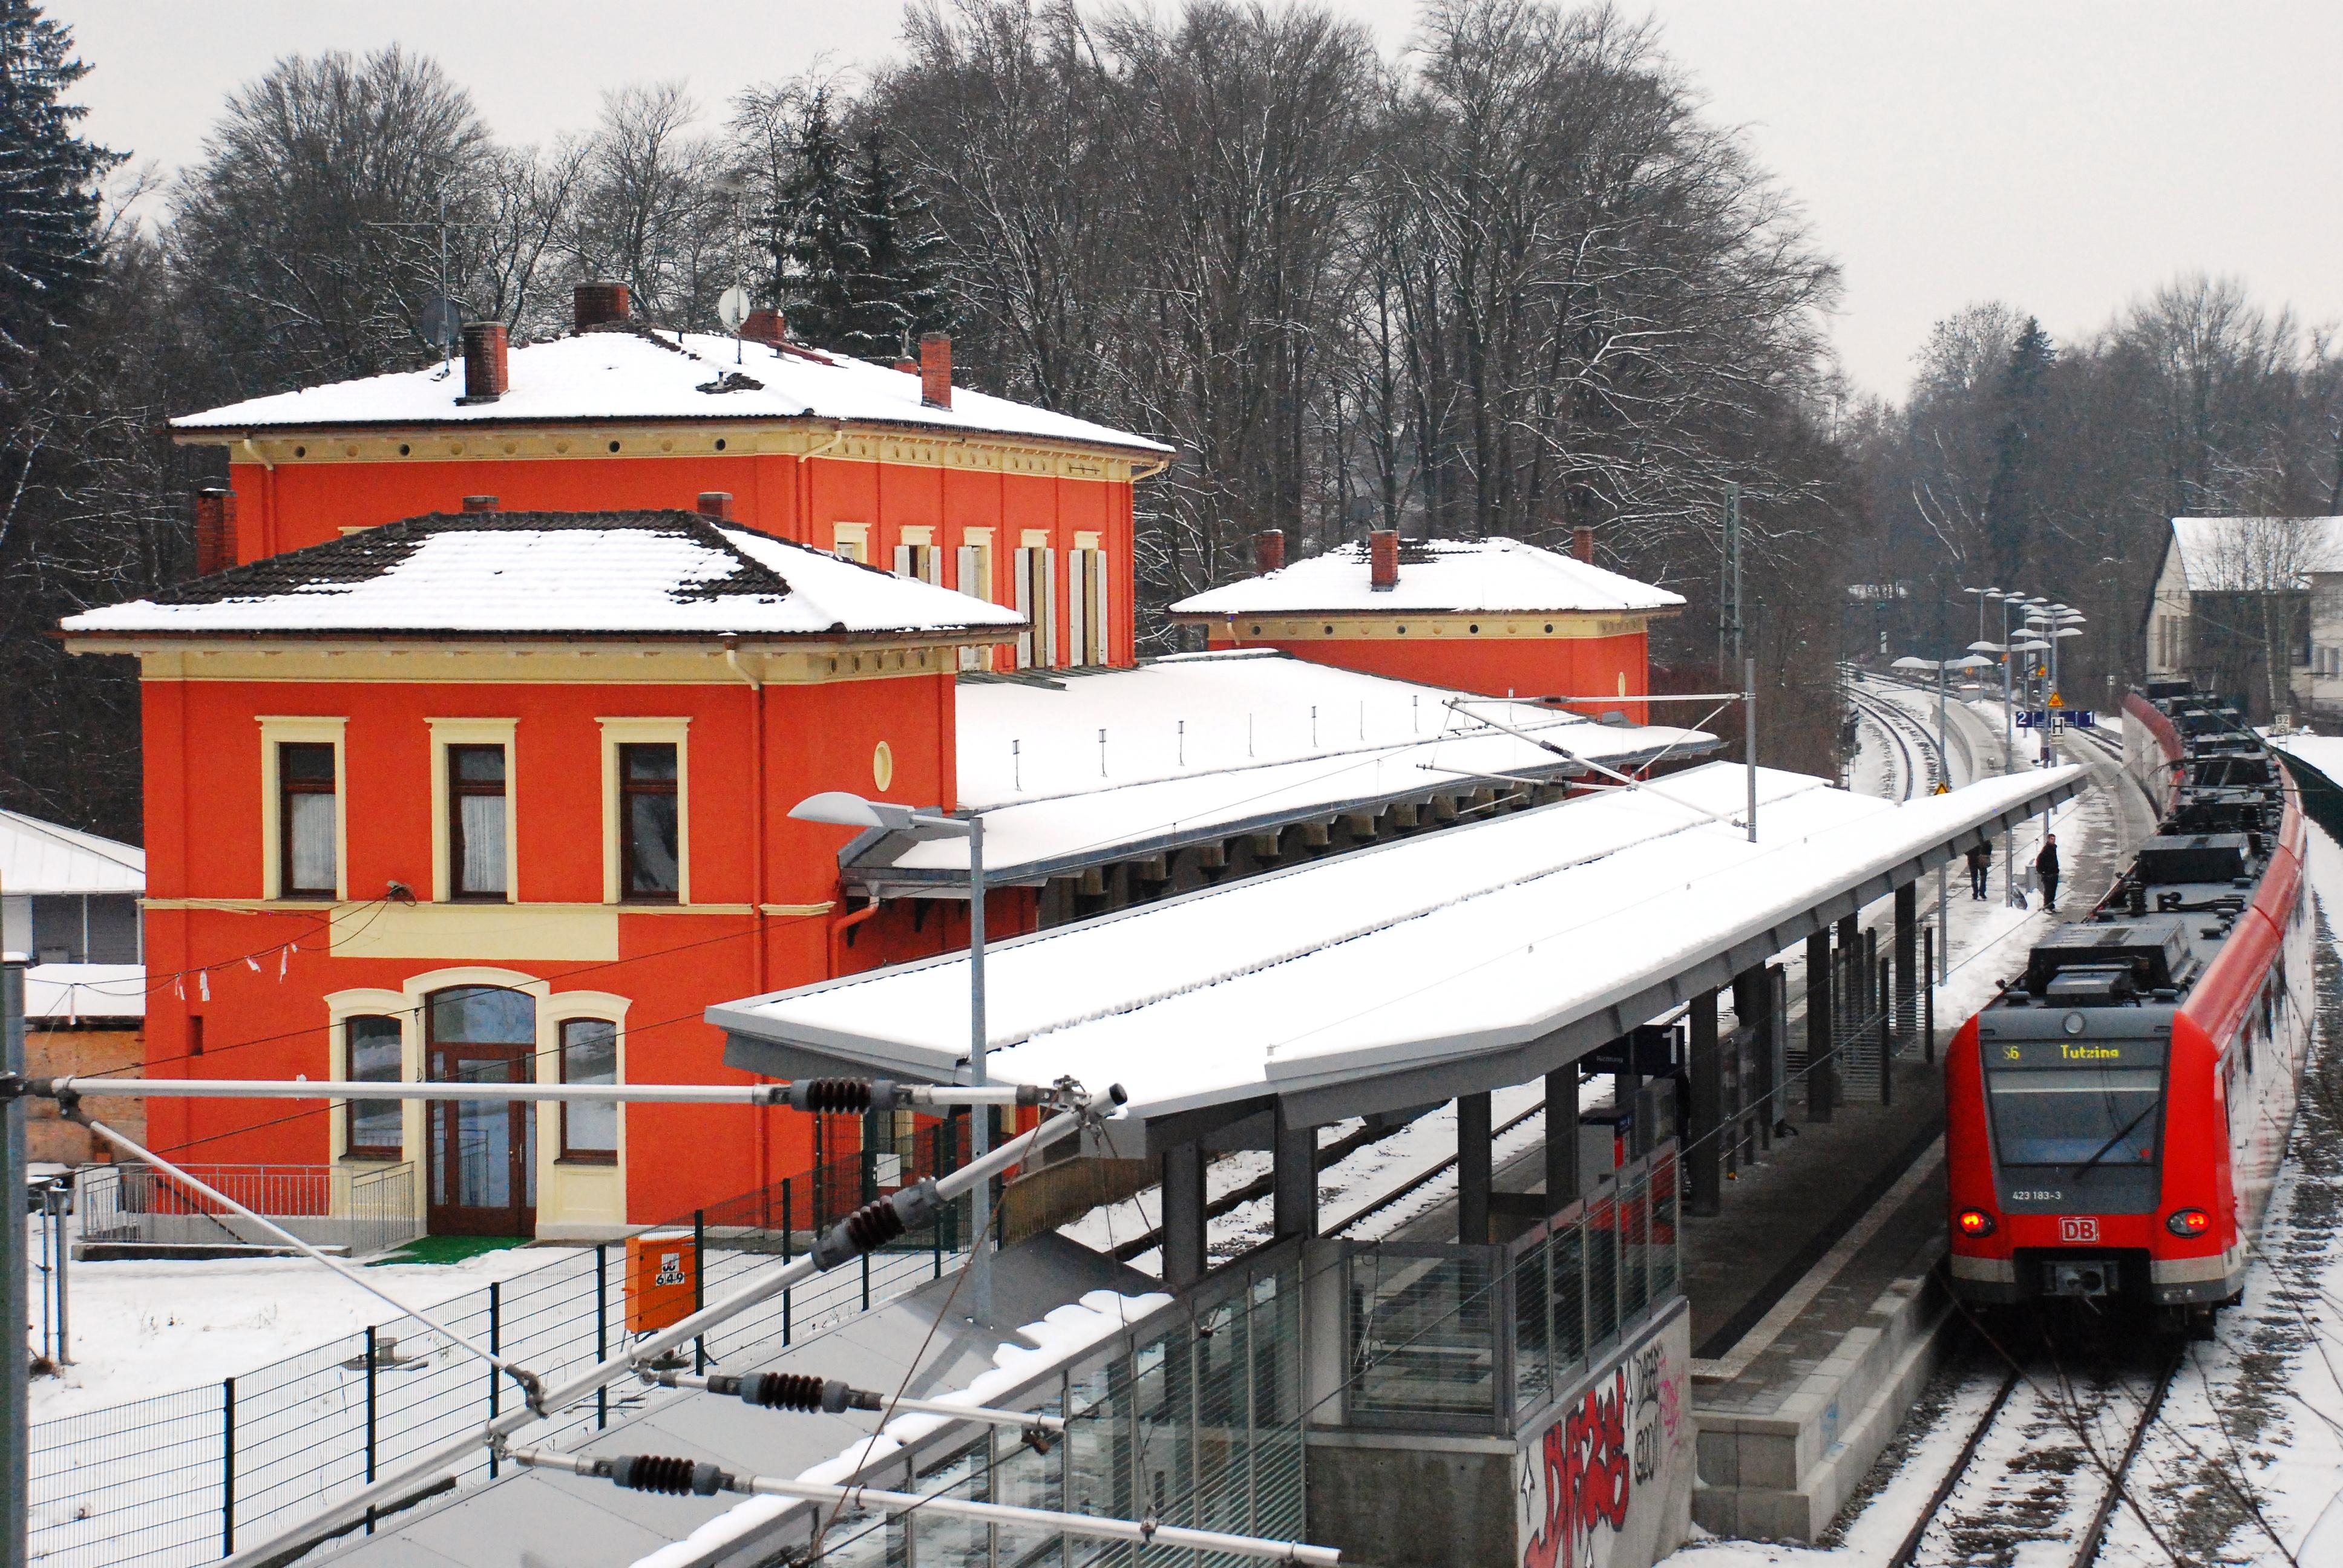 Dateipöcking Possenhofen Bahnhof Gleisbereichjpg Wikipedia